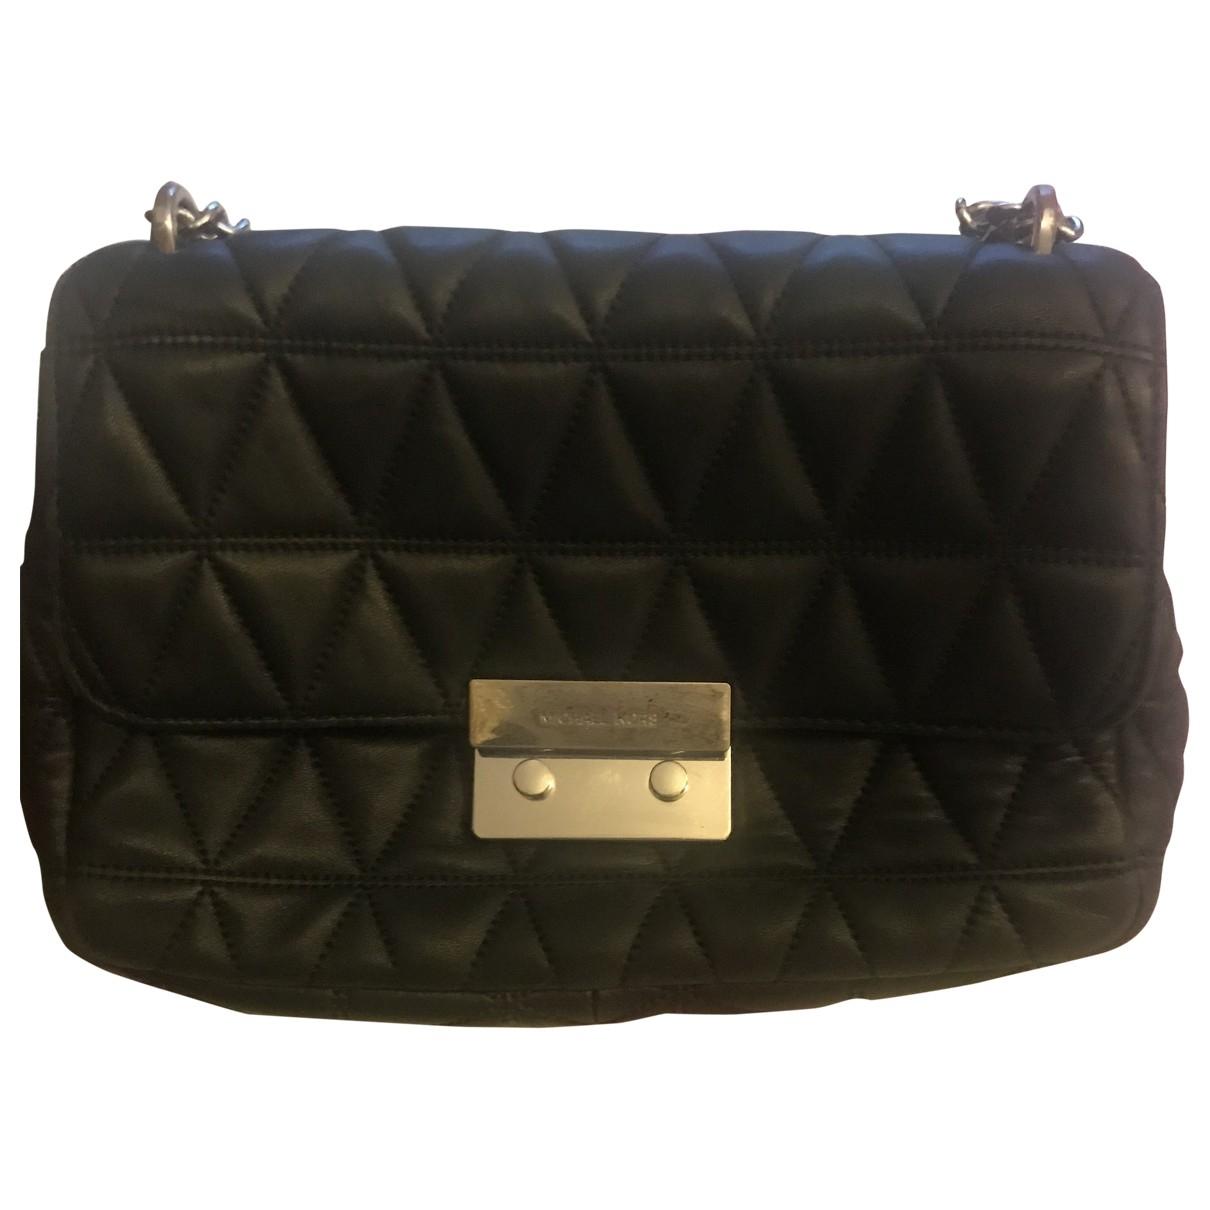 Michael Kors Vivianne Black Leather handbag for Women \N